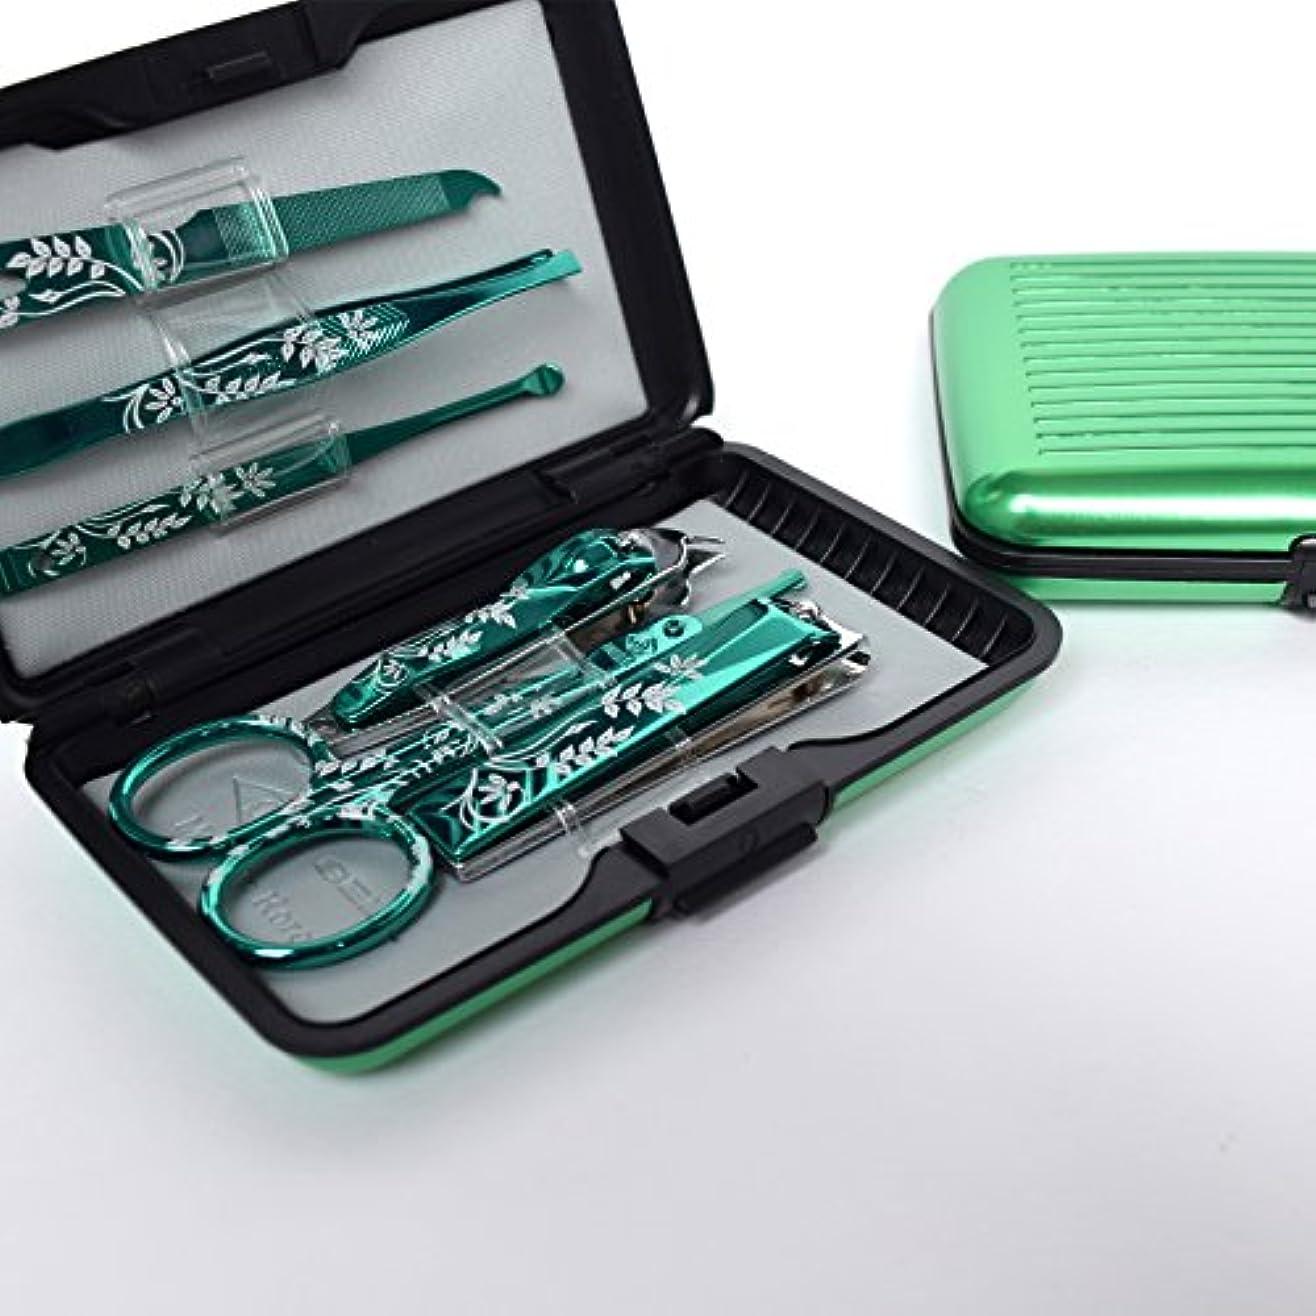 ポスター訴える我慢するBELL Manicure Sets BM-800A ポータブル爪の管理セット 爪切りセット 高品質のネイルケアセット花モチーフのイラストデザイン Portable Nail Clippers Nail Care Set